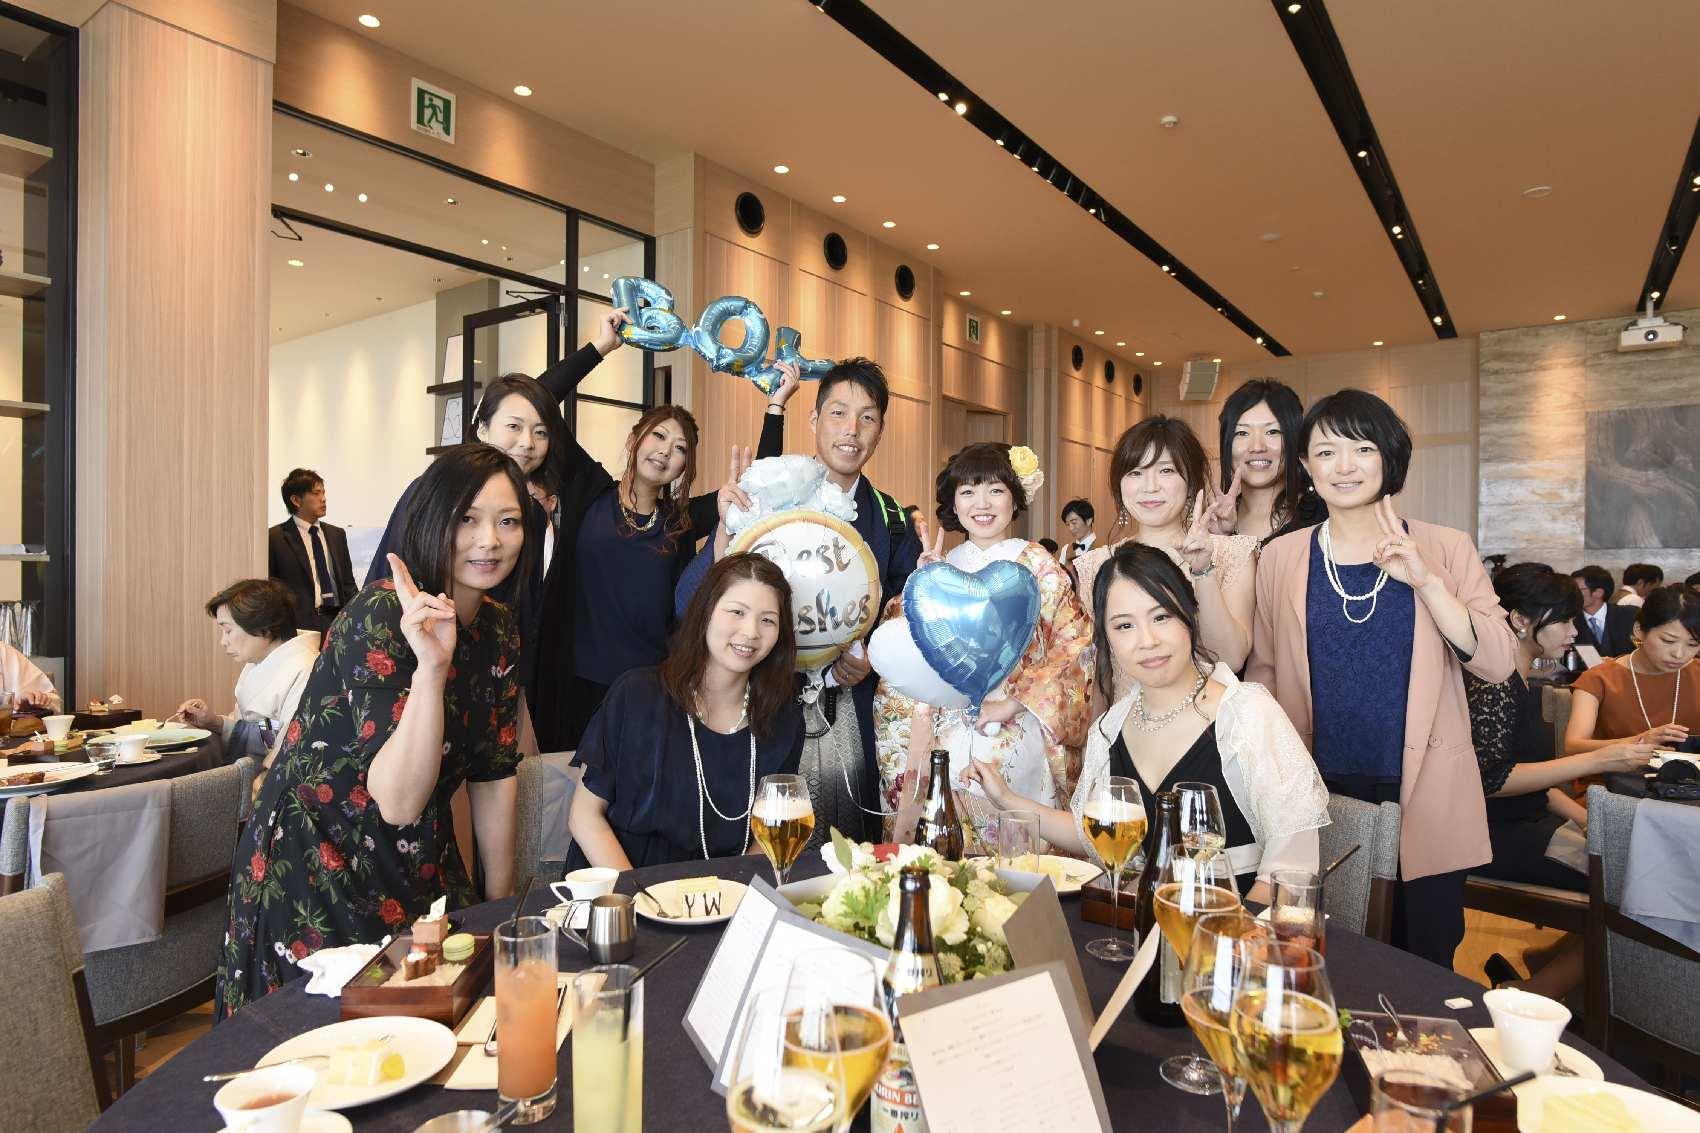 香川県高松市の結婚式場アナザースタイルの披露宴でのフォトテーブル